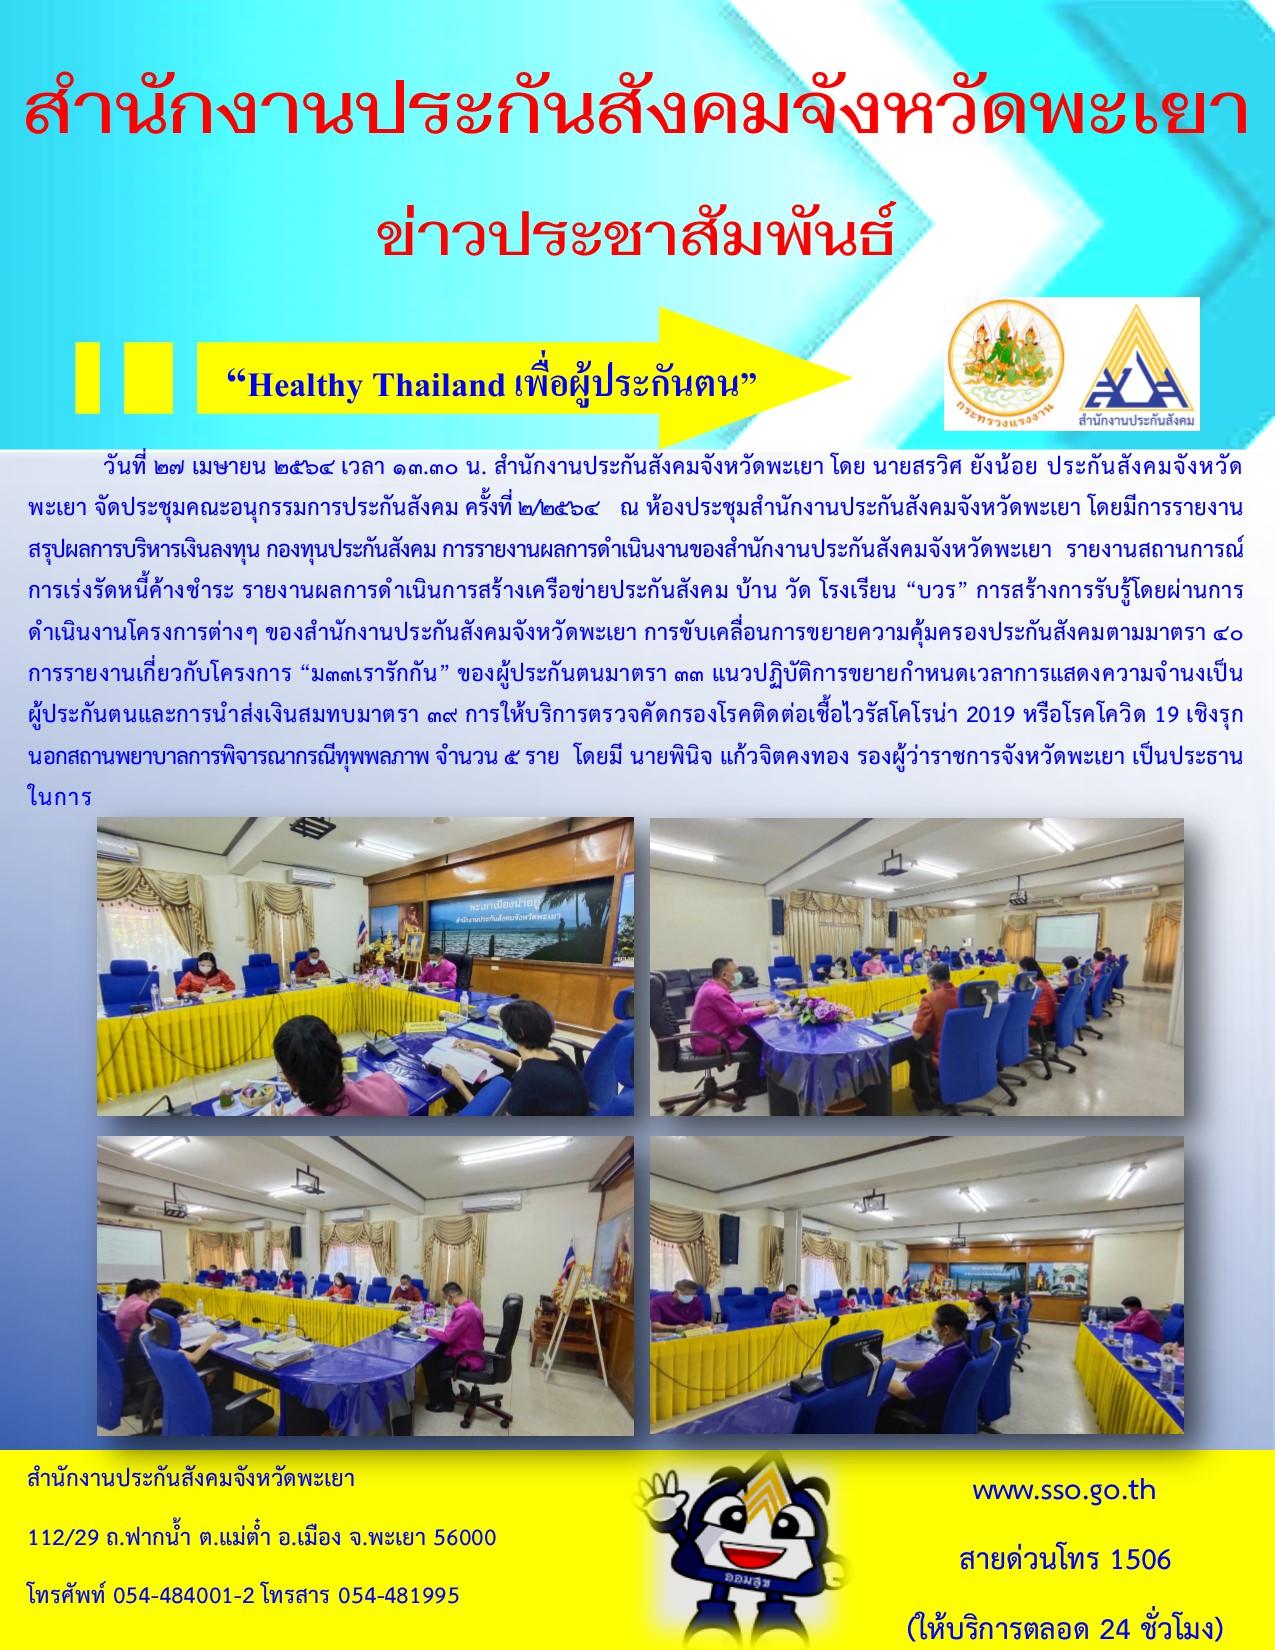 การประชุมคณะอนุกรรมการสำนักงานประกันสังคมจังหวัดพะเยา ครั้งที่ 2/2564